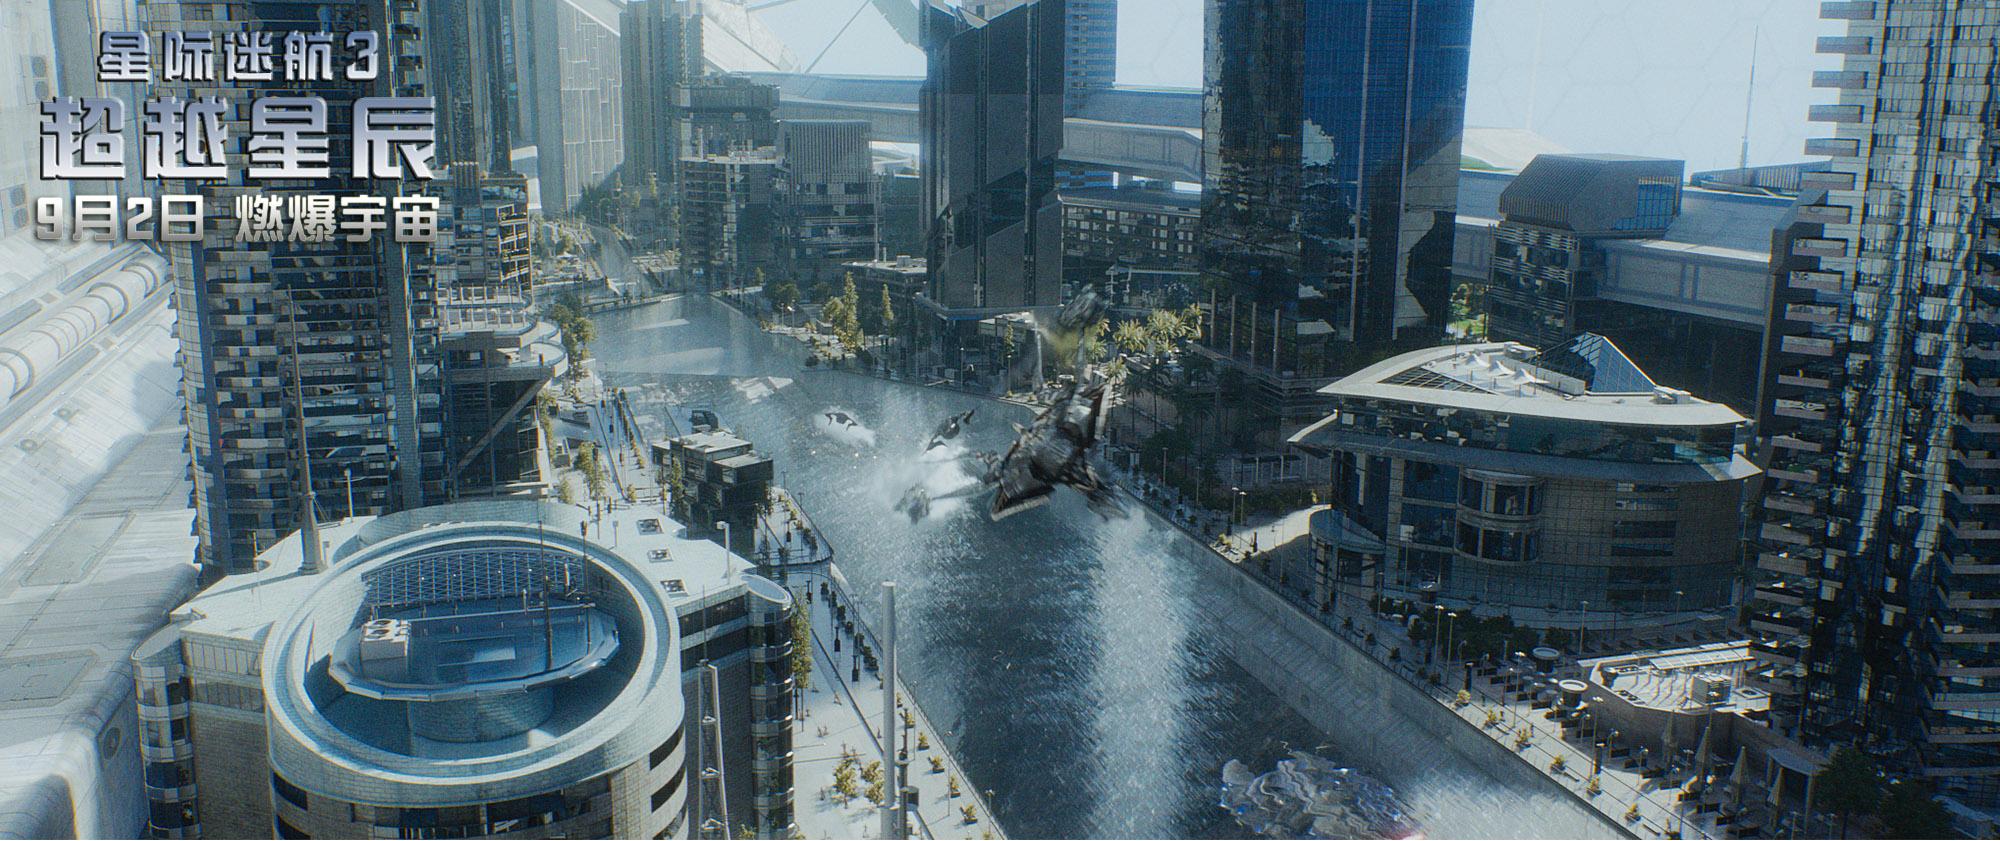 《星际迷航3》首曝空间站 上演宇宙版速度激情